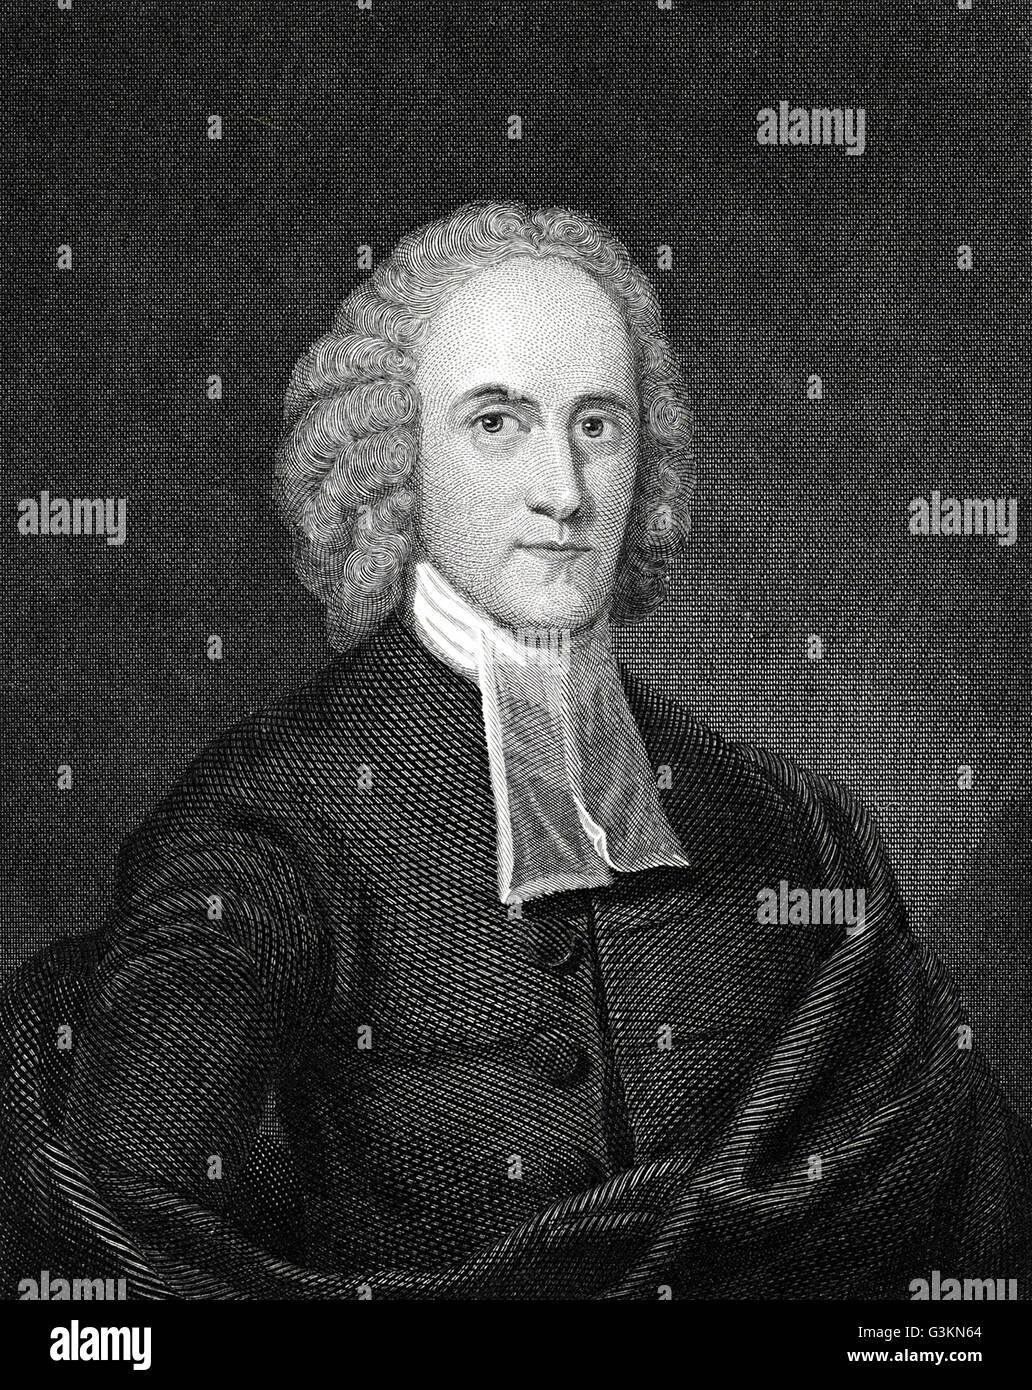 Jonathan Edwards, 1703 - 1758 - Stock Image